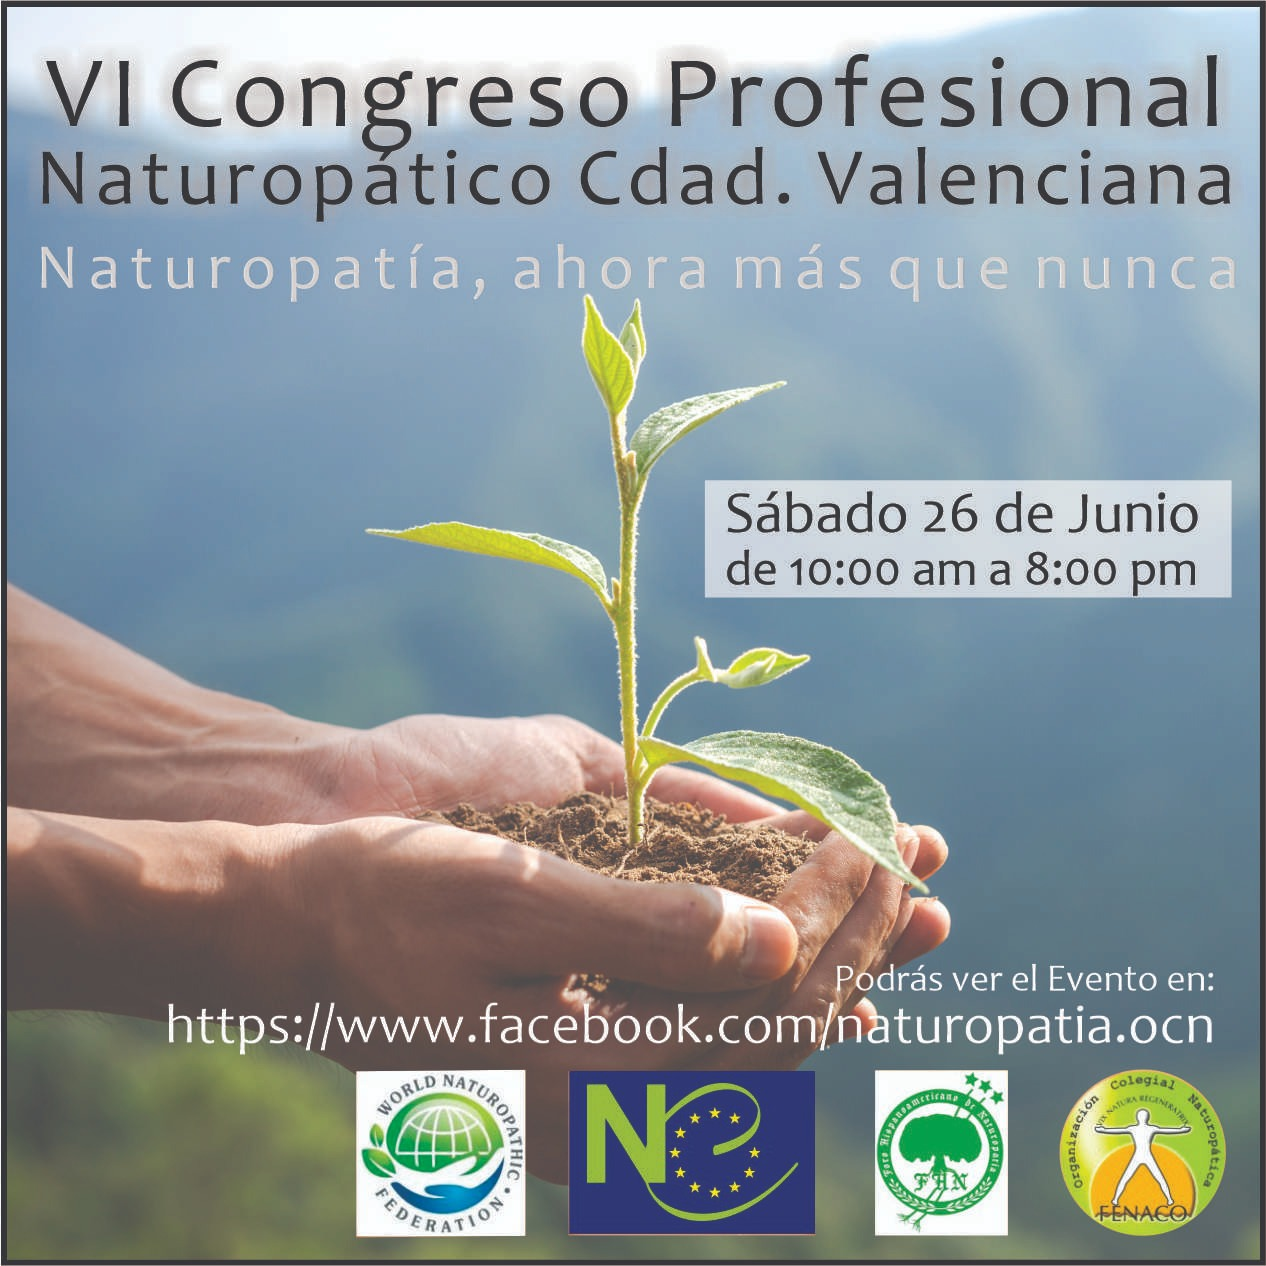 VI CONGRESO PROFESIONAL NATUROPÁTICO CDAD. VALENCIANA @ ONLINE EN LA COMUNIDAD VALENCIANA